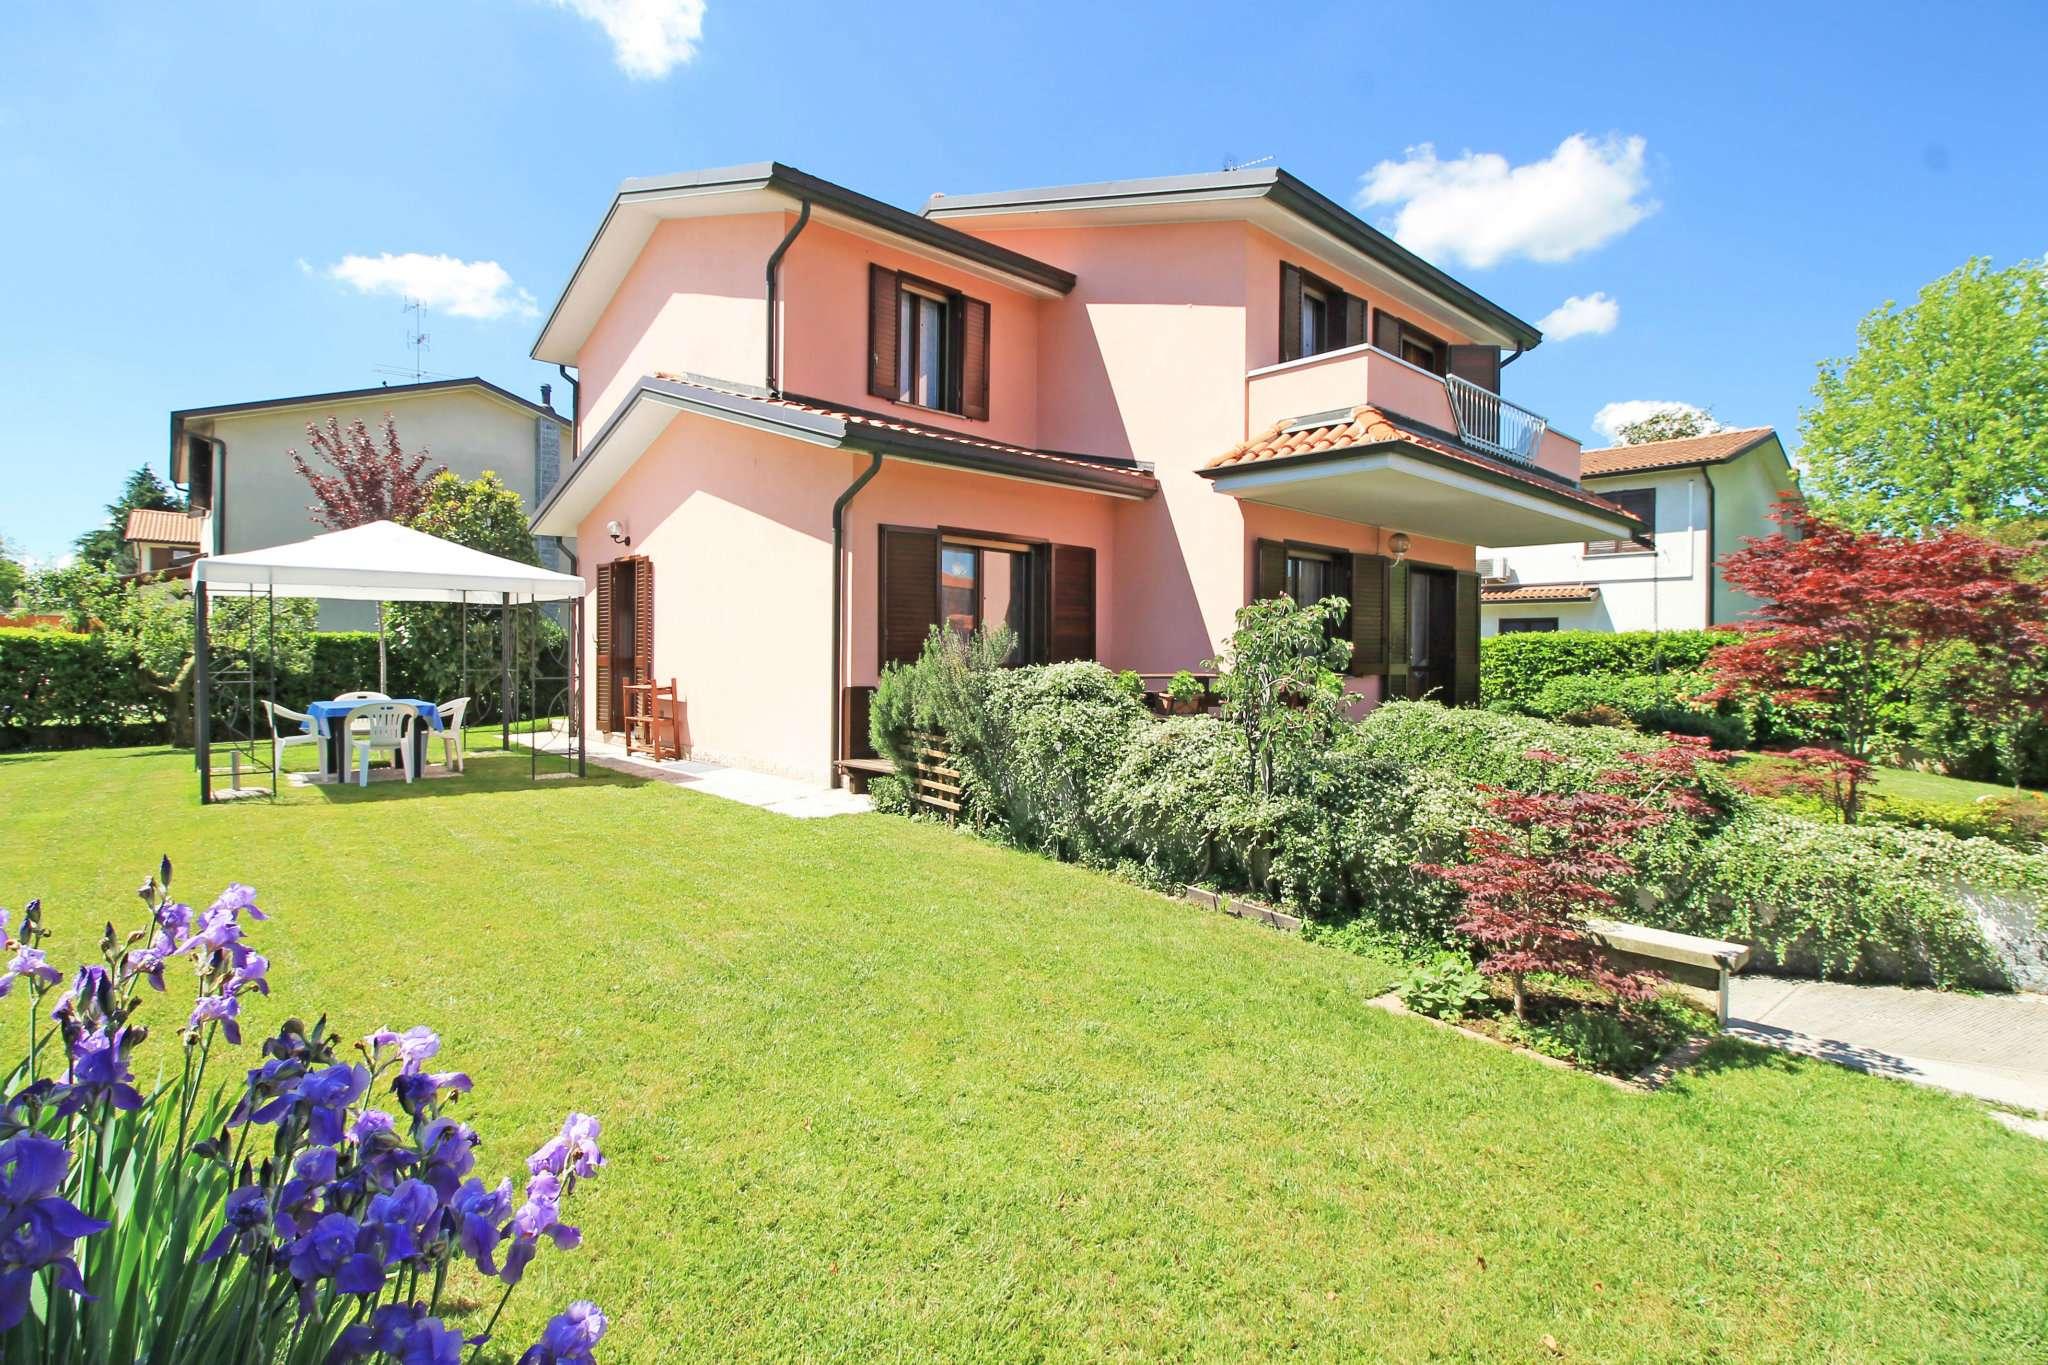 Villa in vendita a Inzago, 5 locali, prezzo € 370.000 | CambioCasa.it